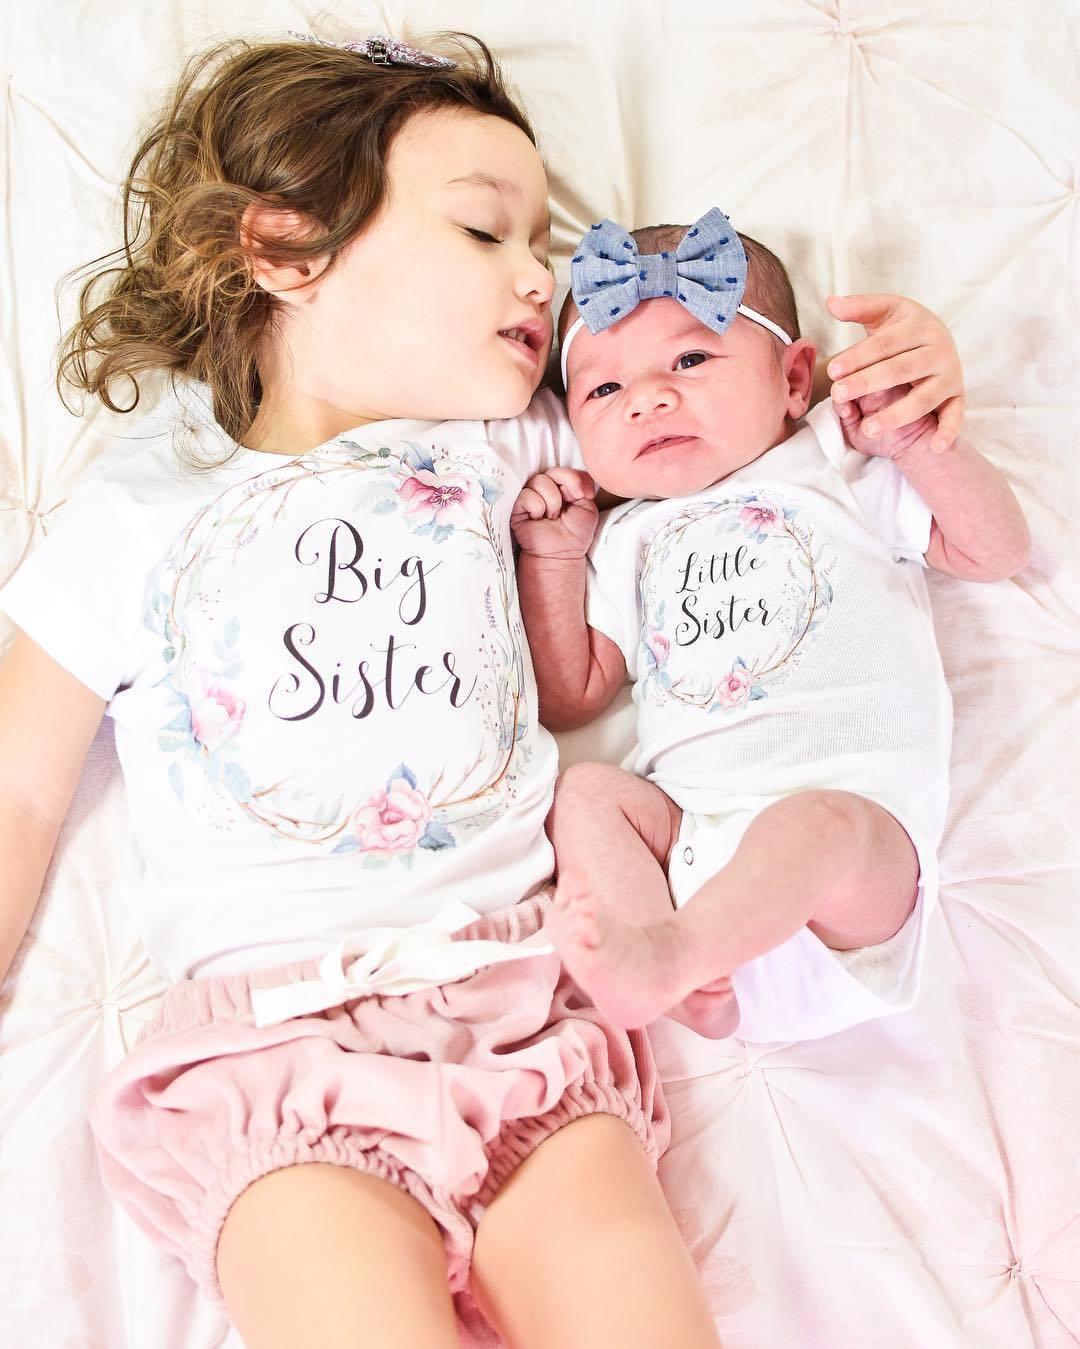 Macacão pudcoco para meninas, roupas correspondentes para bebês meninas e irmãos